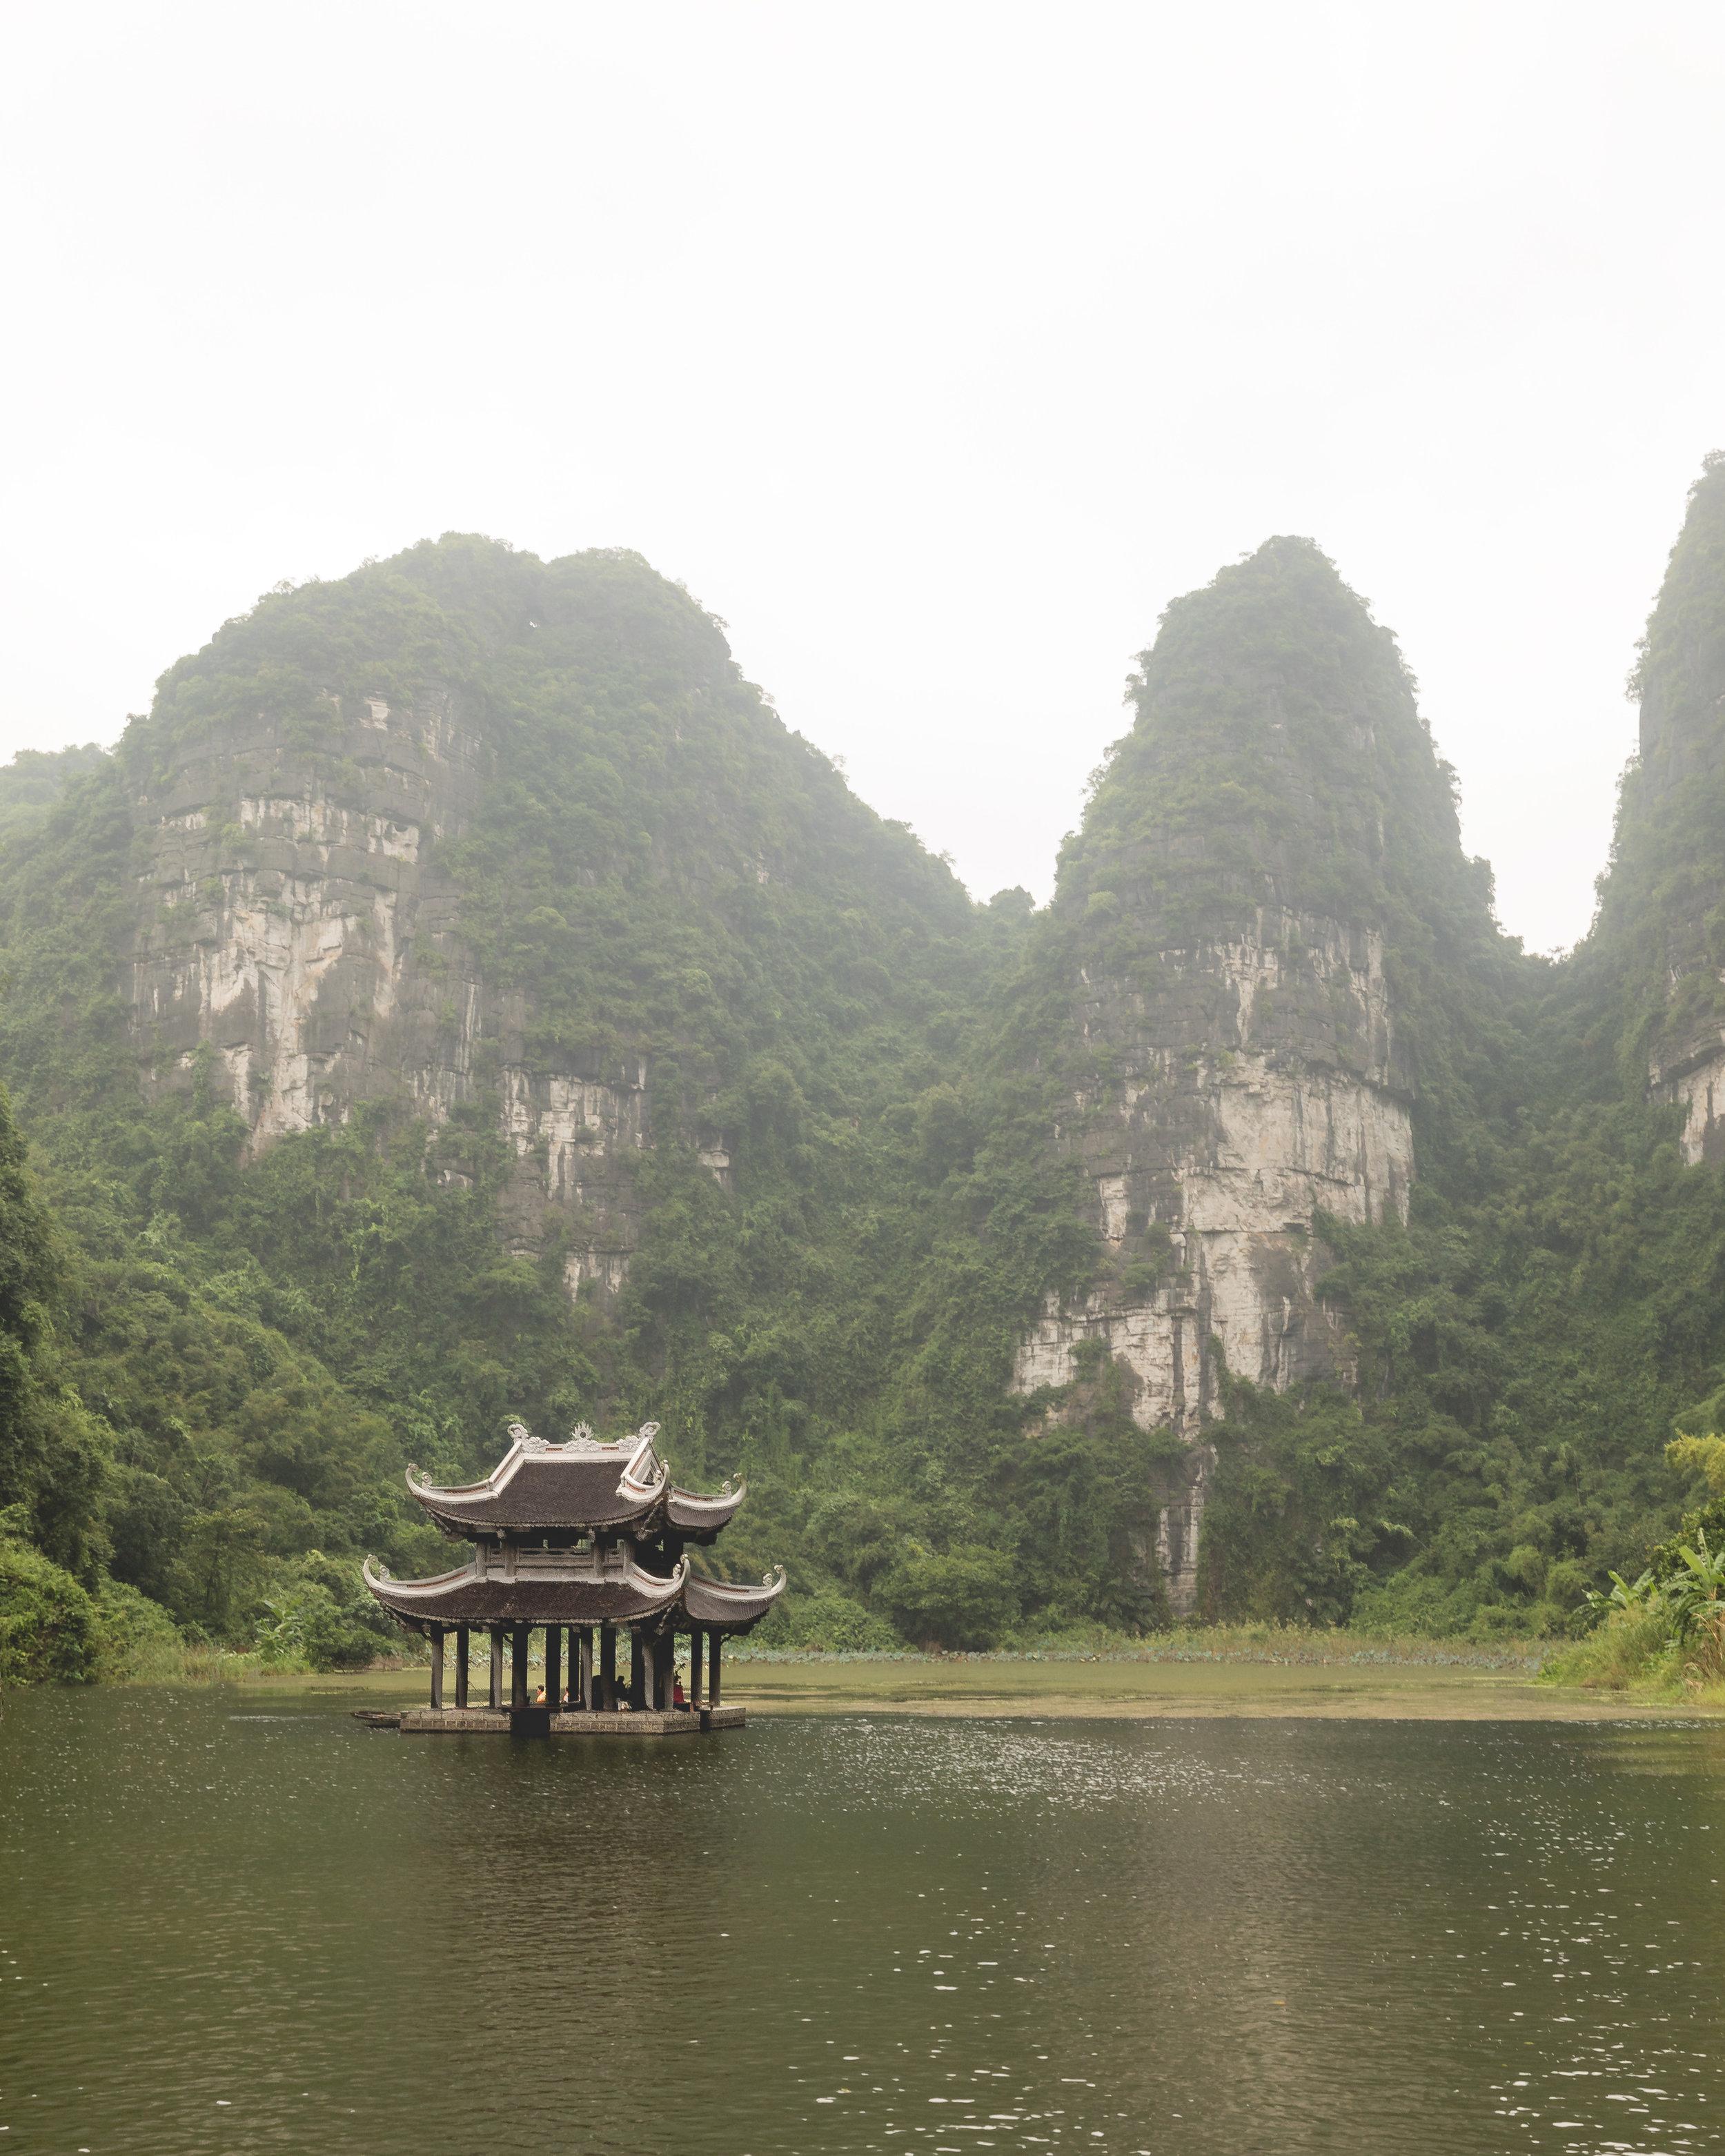 The pagoda in the river at Trang An - Ninh Binh